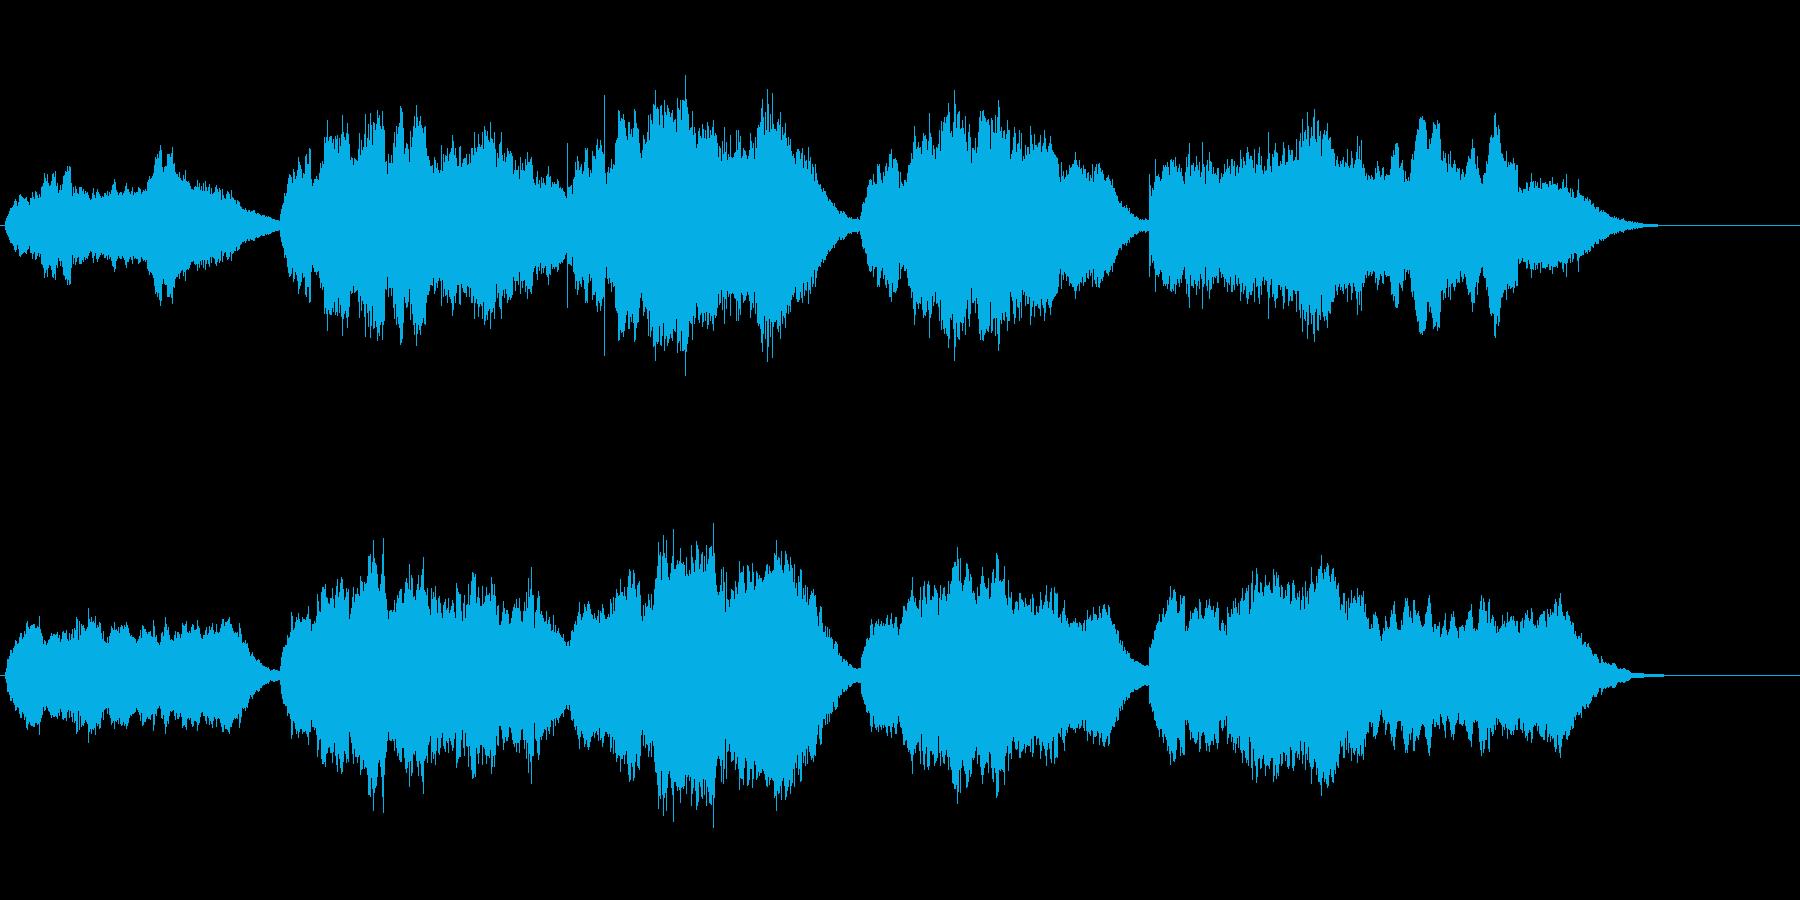 国歌「君が代」オーケストラの再生済みの波形